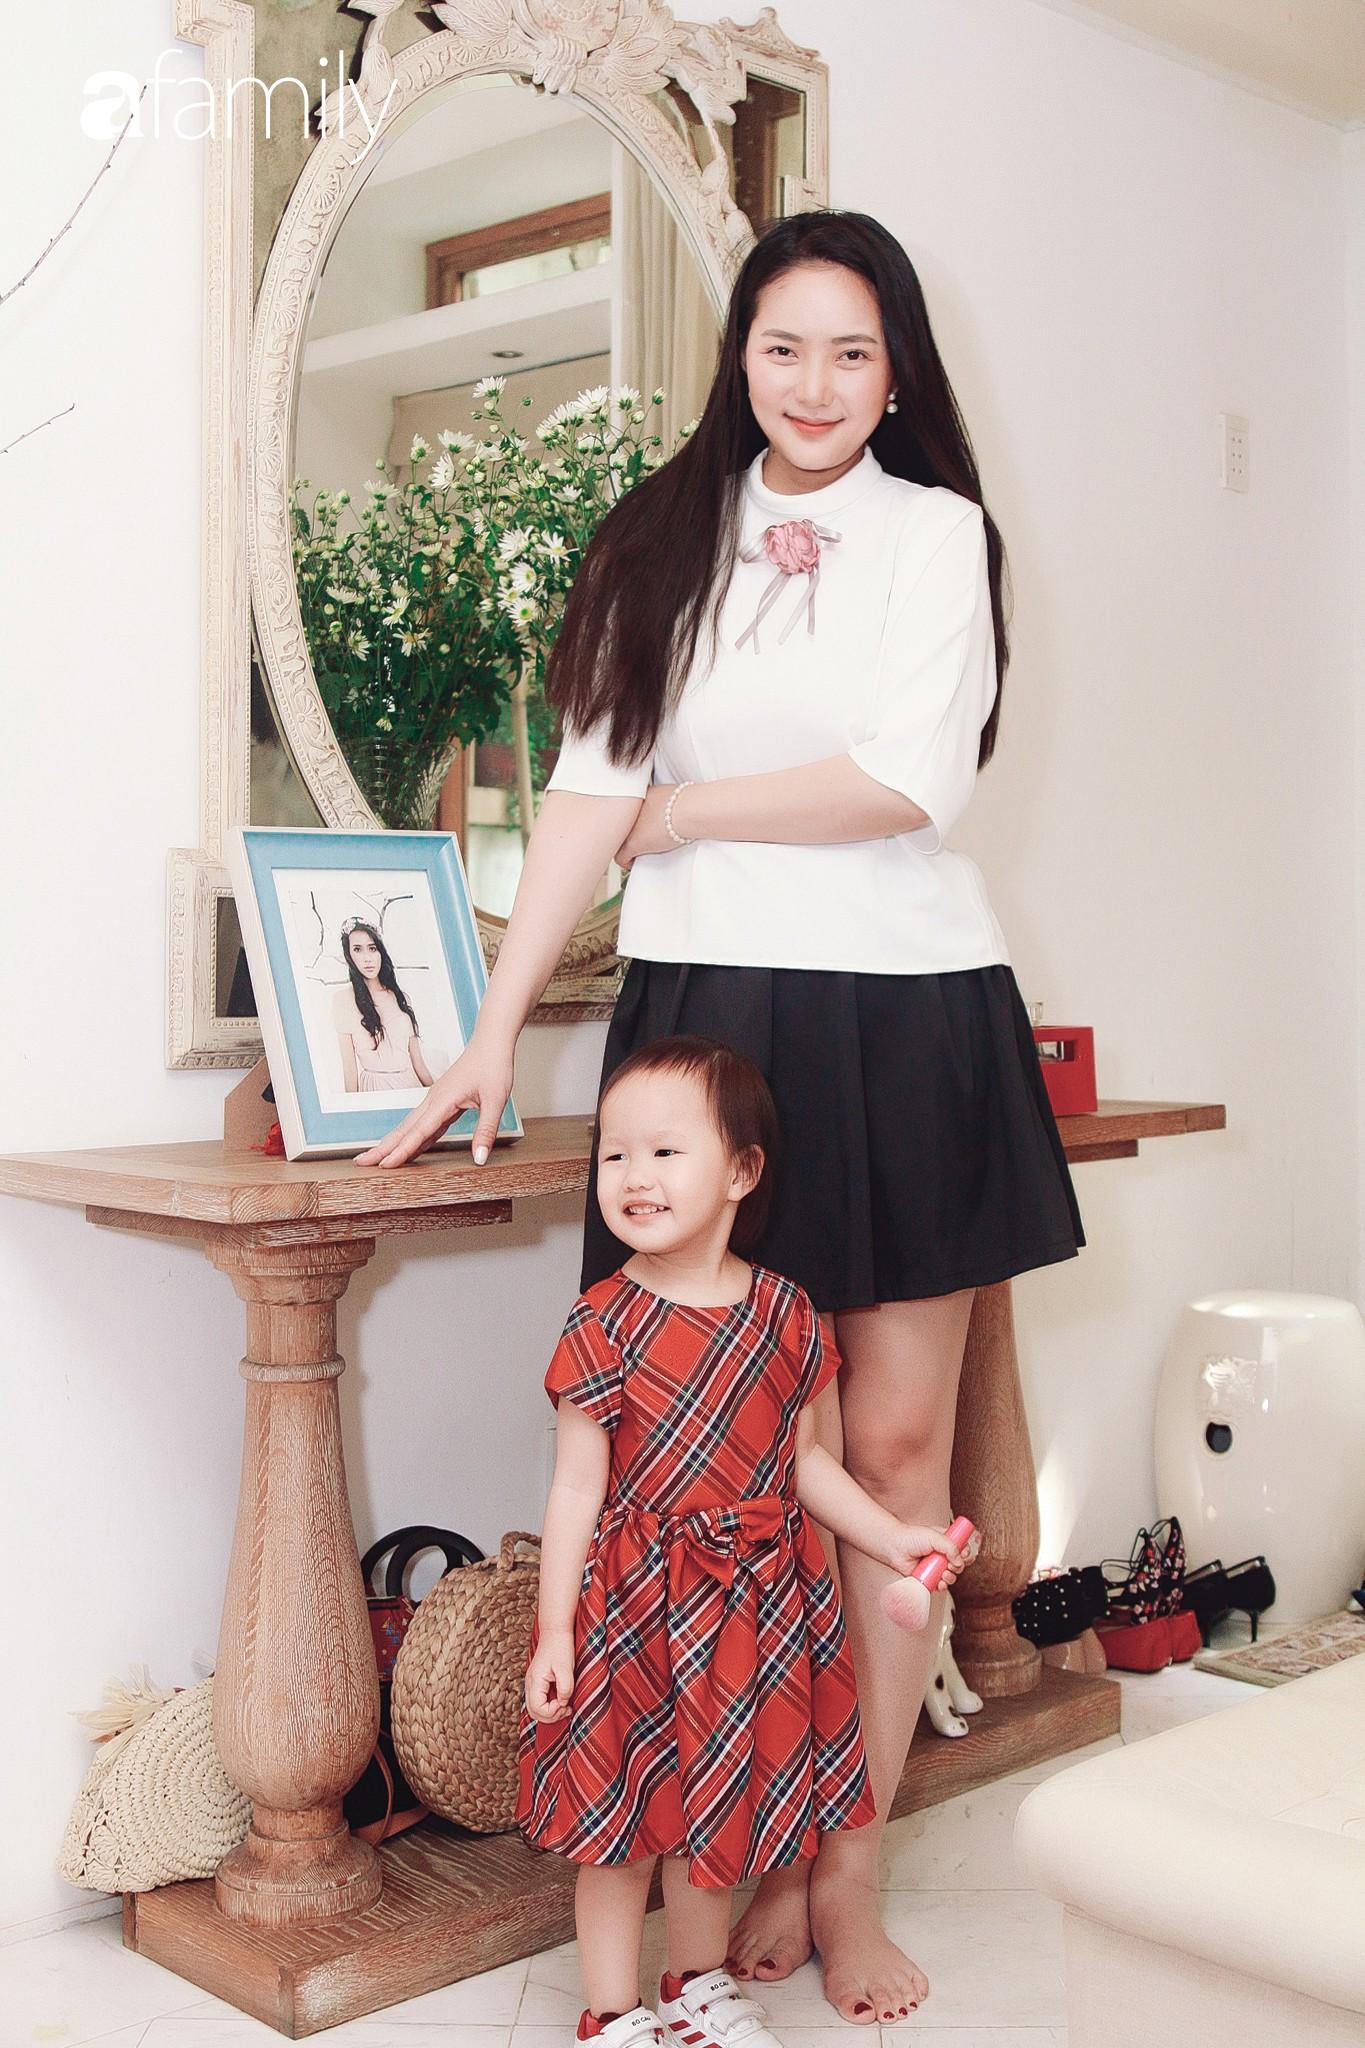 Phan Như Thảo kể chuyện lấy chồng đại gia: Tôi mập thế này nhưng chồng vẫn lựa đồ size XS, hở hang nhất cho vợ-4